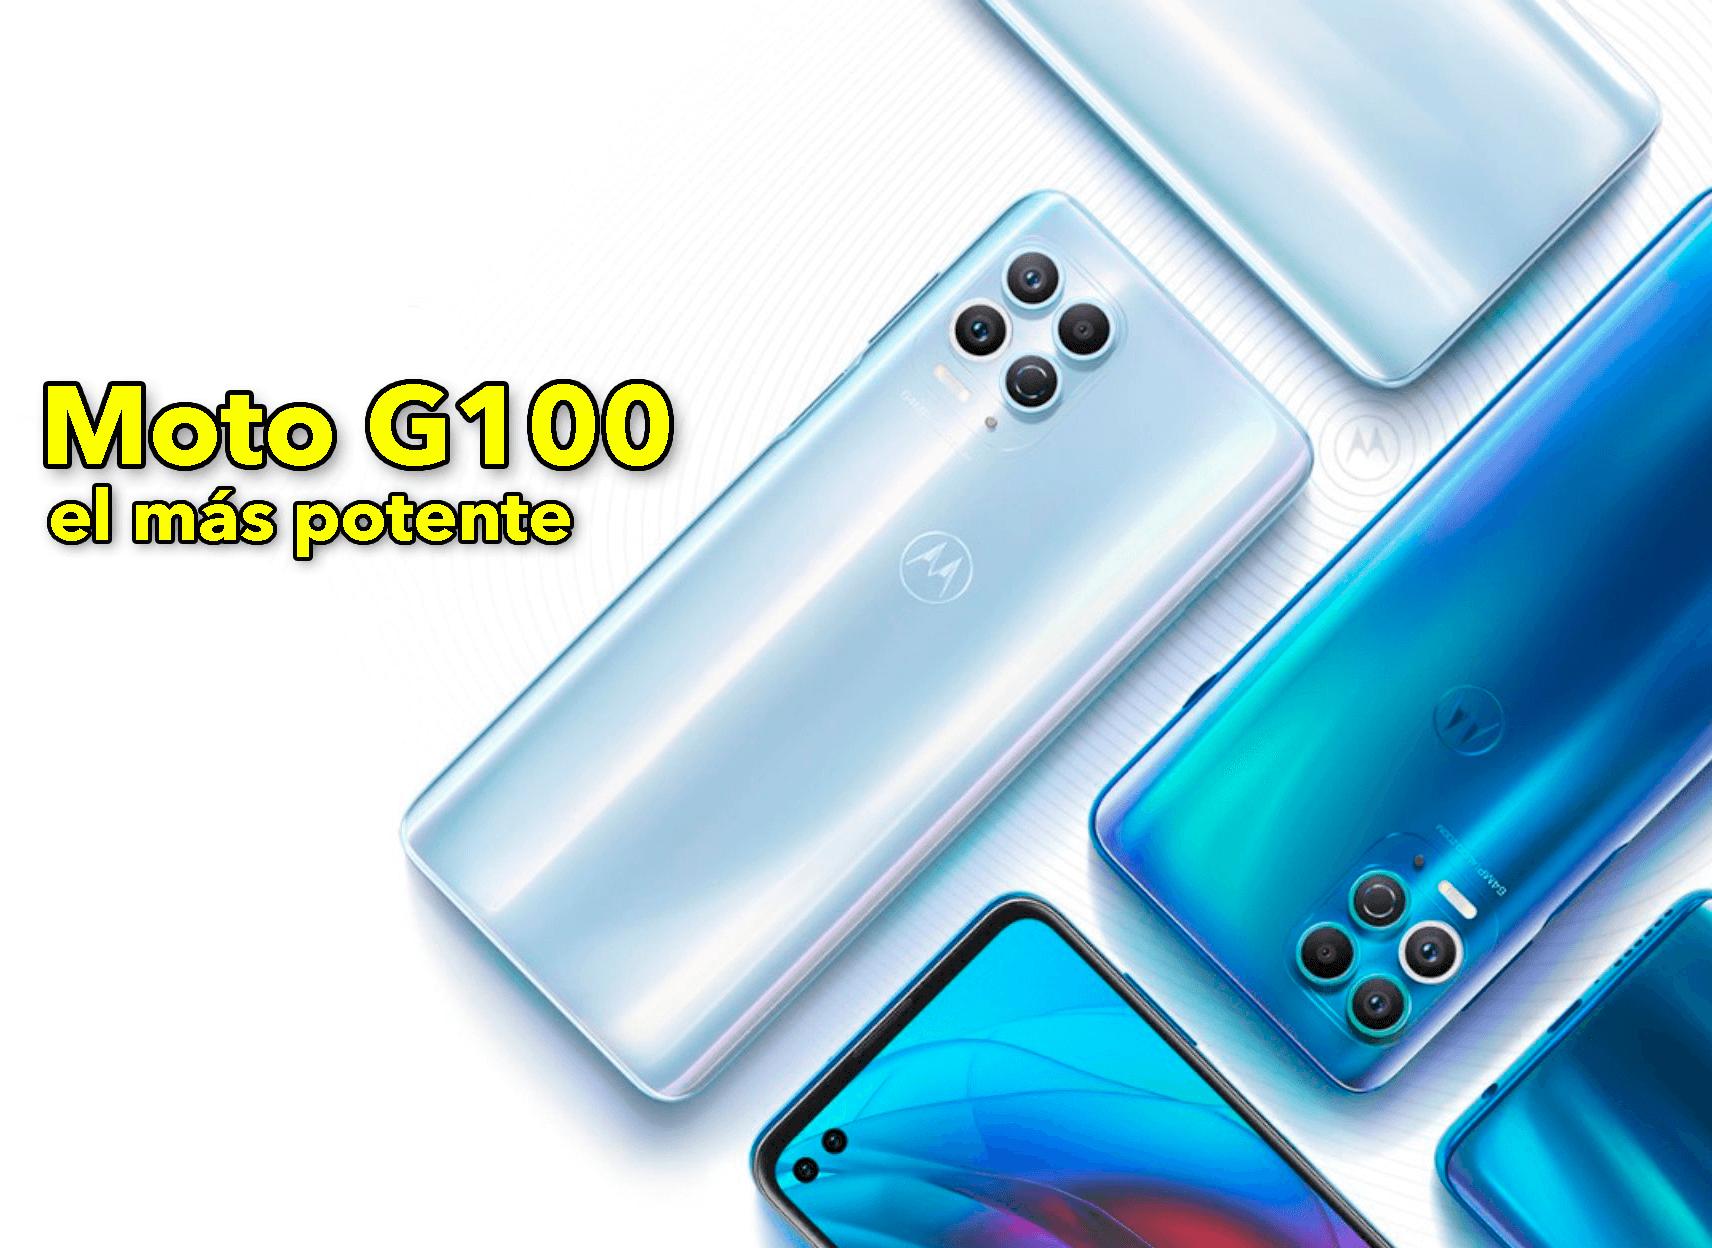 Motorola Moto G100: el Moto G más potente de la historia es una realidad